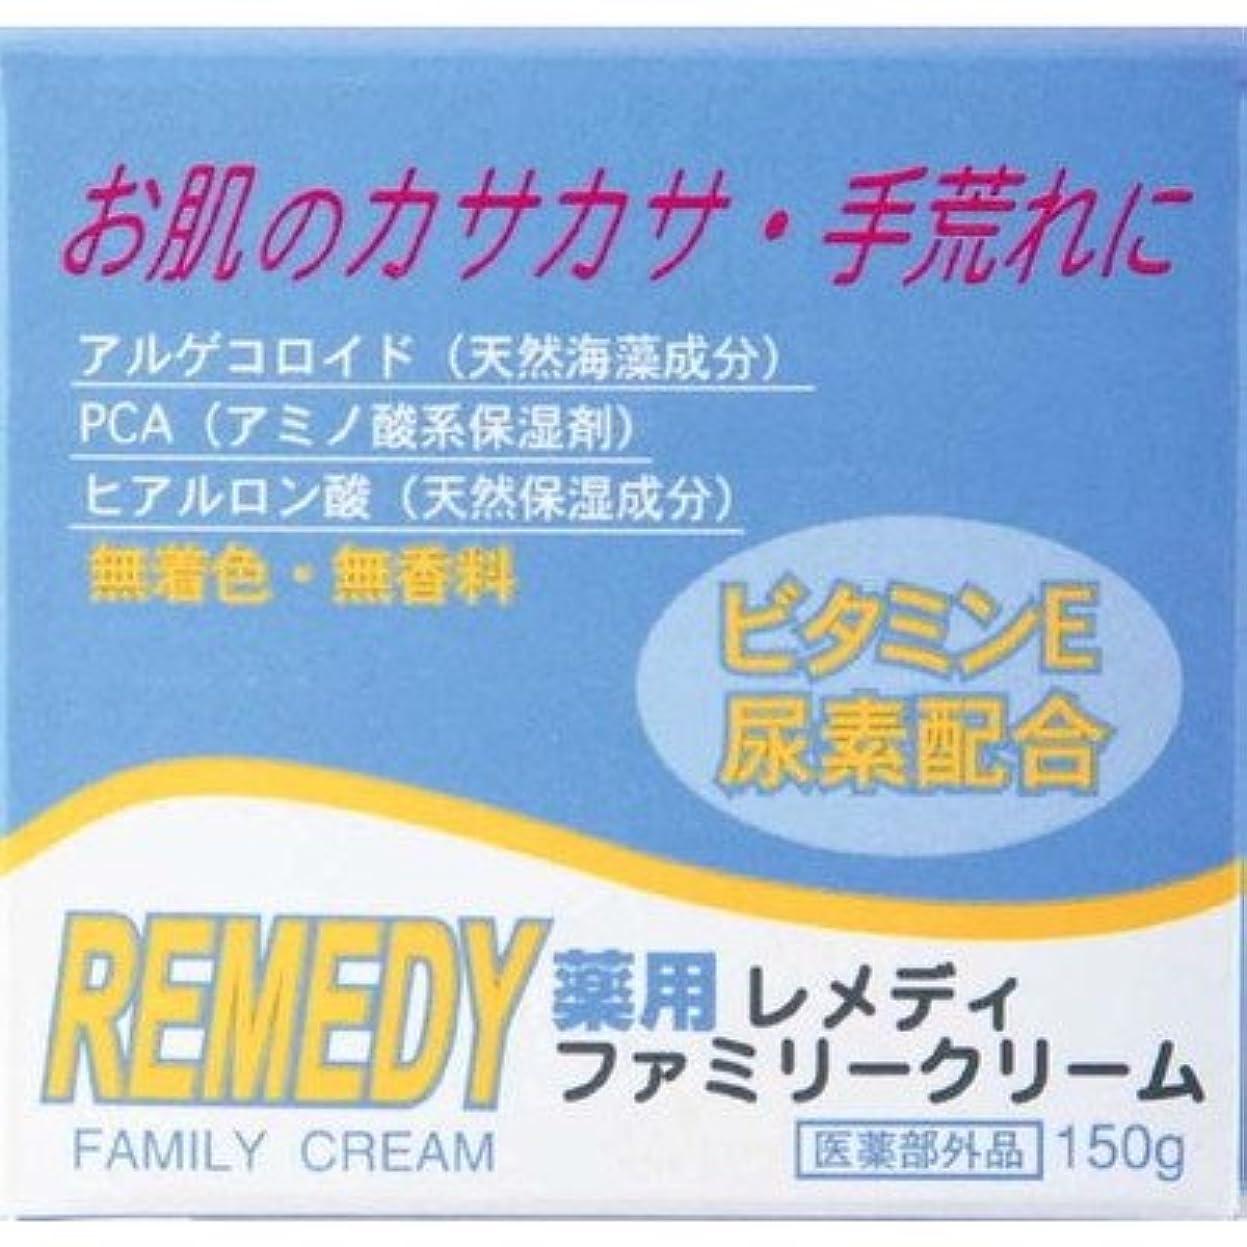 章エンジニア影響を受けやすいです【医薬部外品】薬用レメディ ファミリークリーム 150g